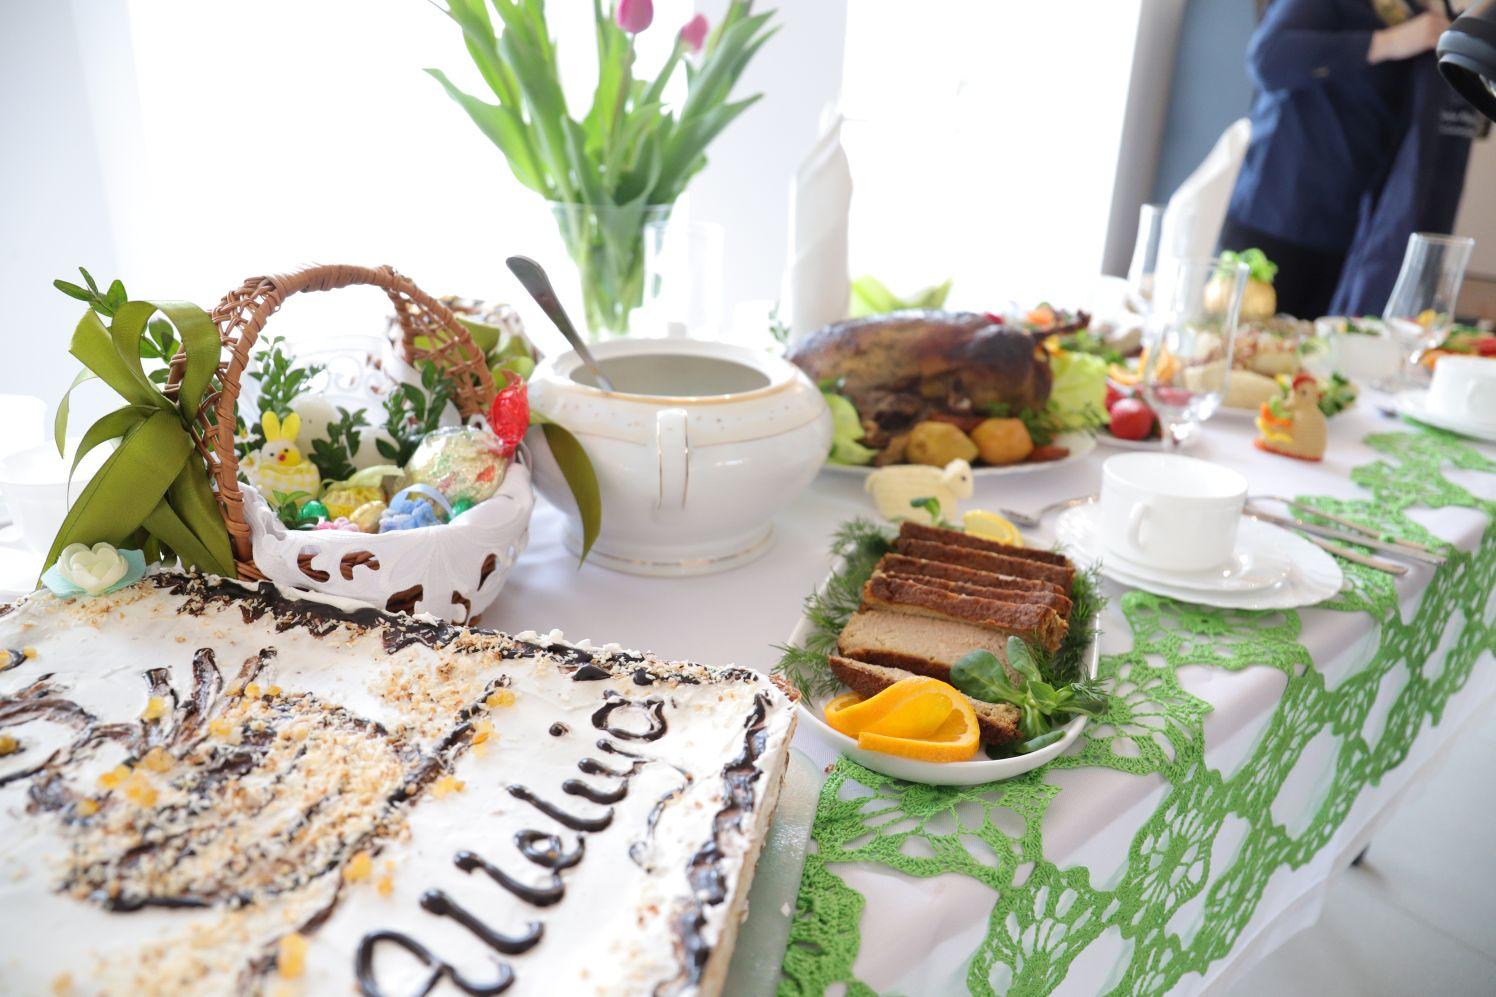 Niedziela Wielkanocna: dla wielu najważniejszy dzień w roku  - Zdjęcie główne